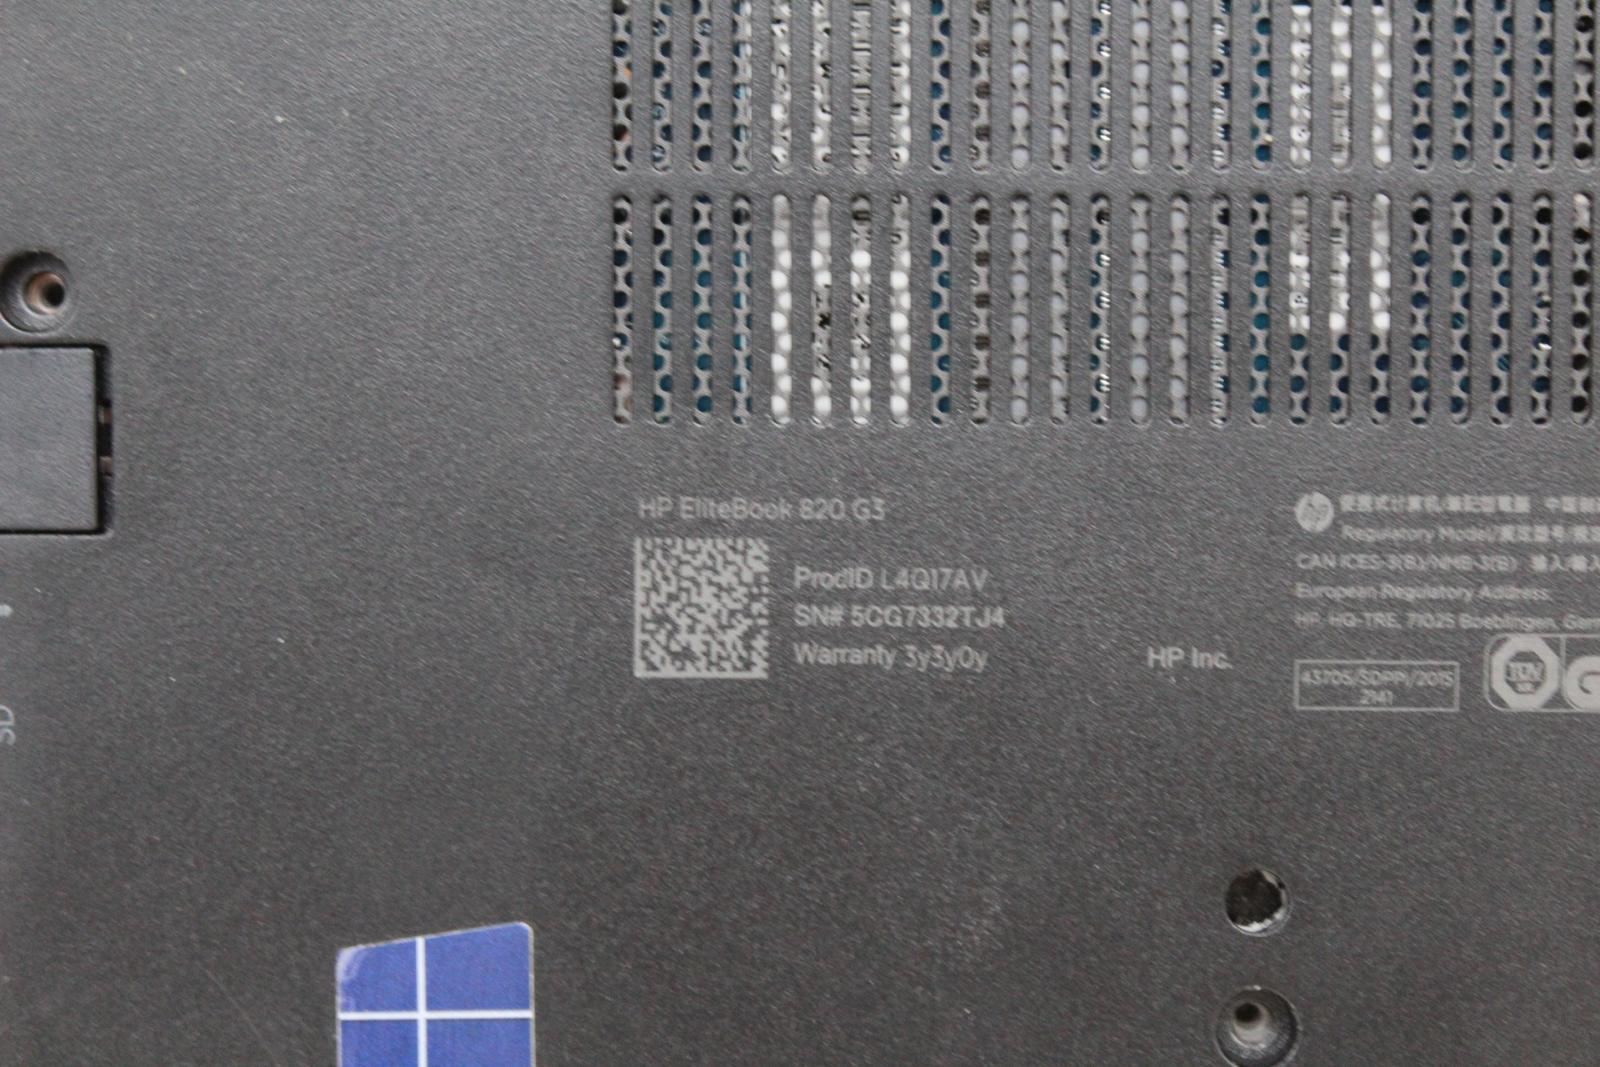 HP-Elite-Book-820-G3-IntelCore-i5-vPro-sans-disque-dur-RAM-Ordinateur-Portable-Ultrabook-Ordinateur miniature 8